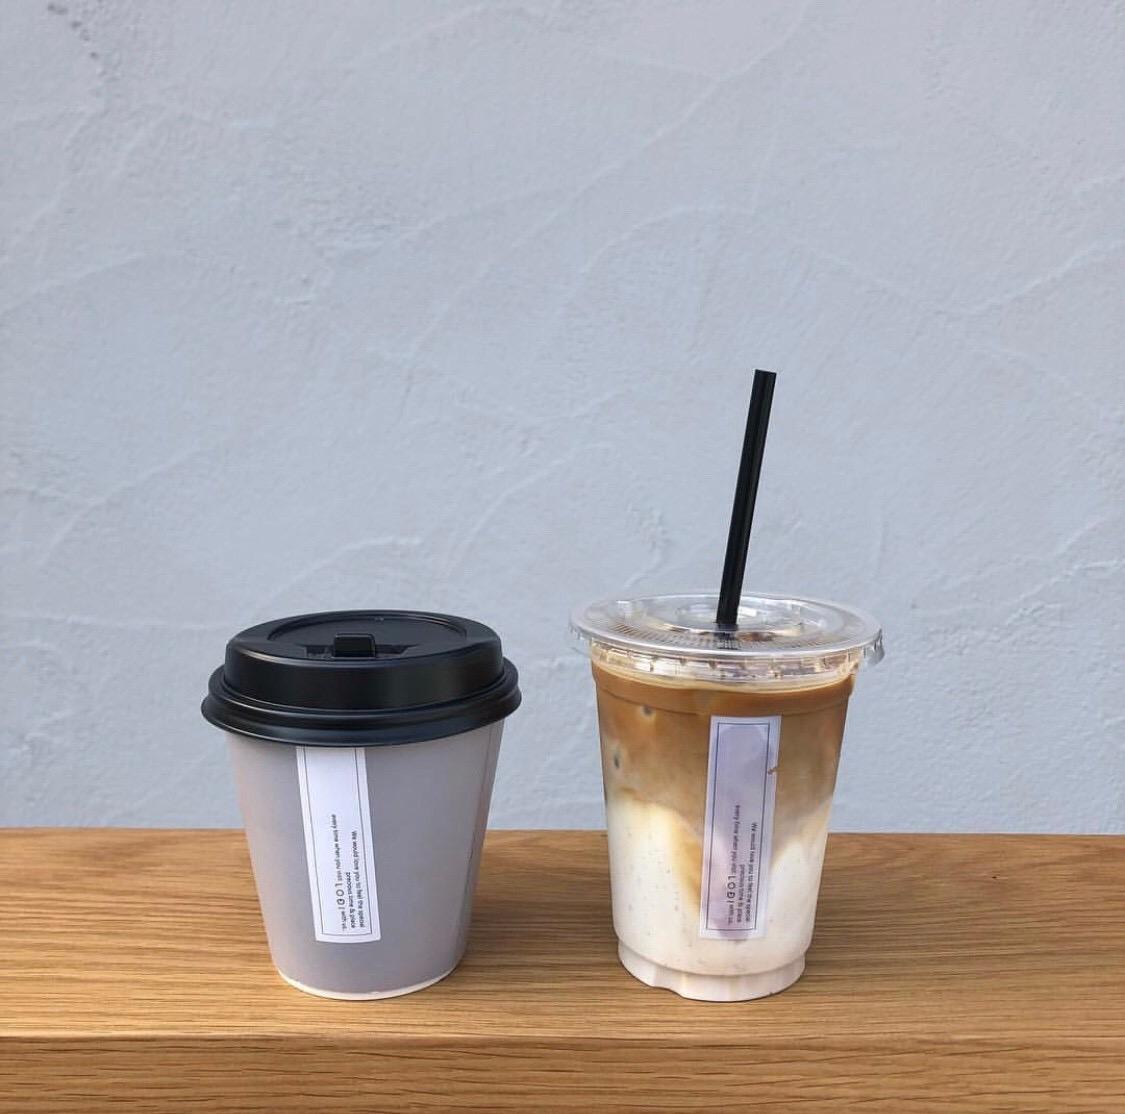 【プラカップ・紙コップ】テイクアウト 使い捨てカップ コーヒーカップ 三重紙コップ 断熱グレー共通86mm口径リッドカップ8オンス【1000個】